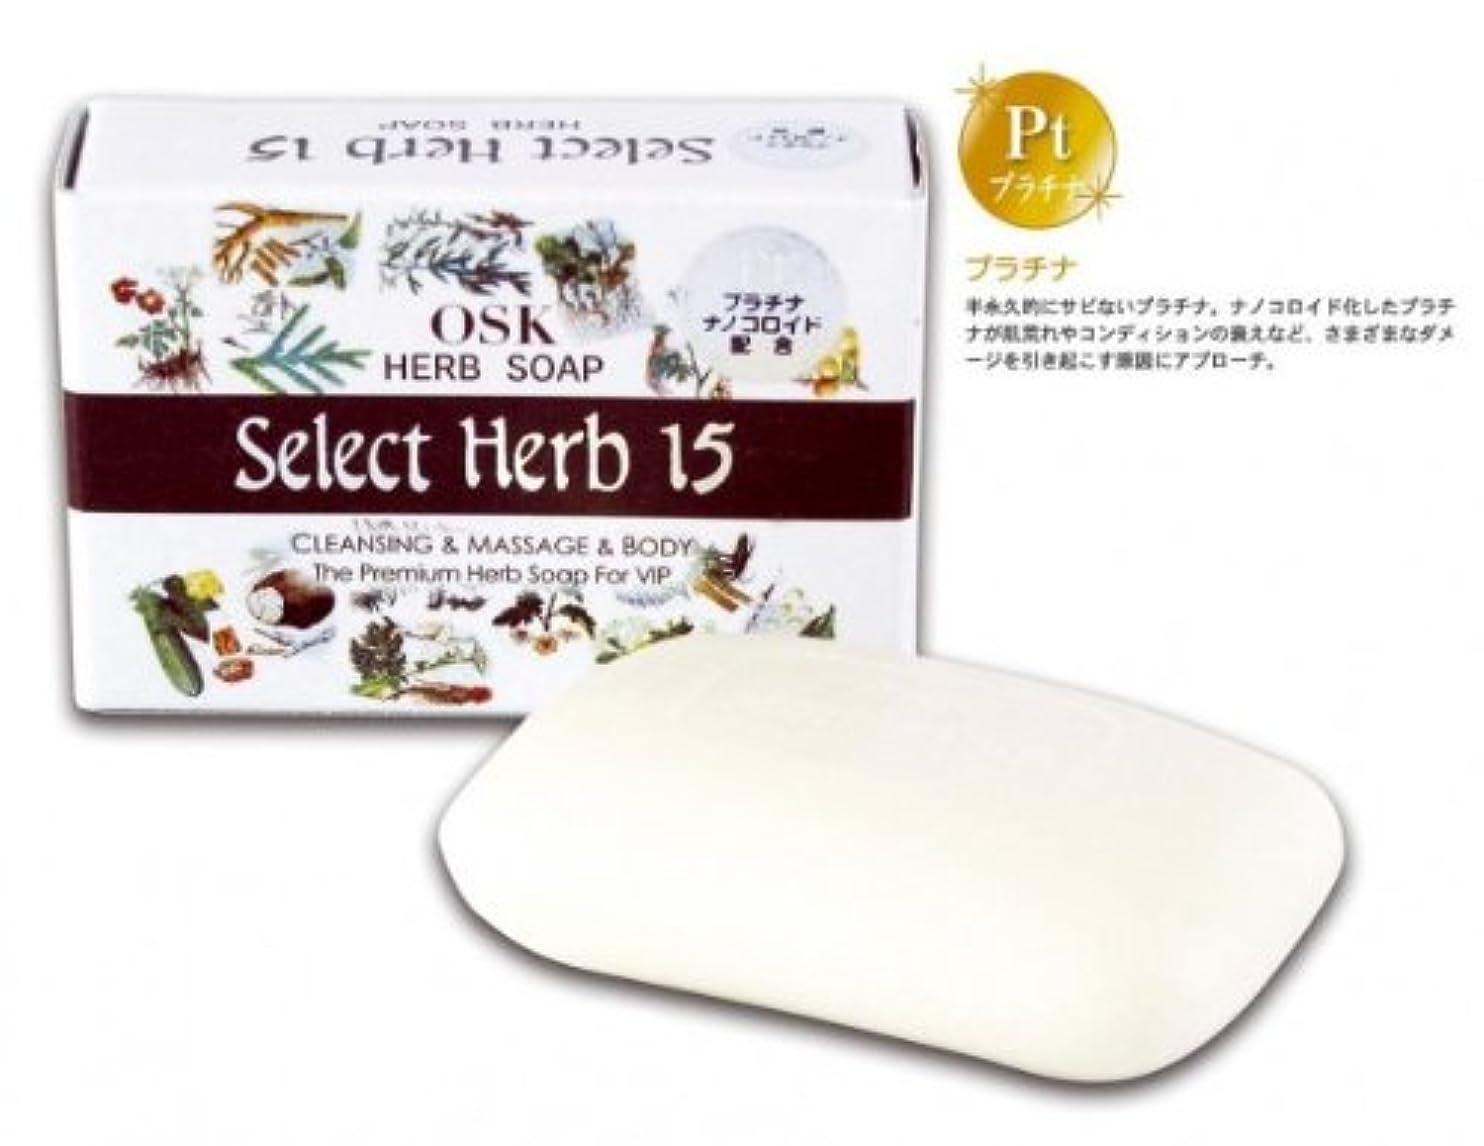 ビーズ不快な運賃NEW OSK SOAP SelectHerb15(ニューオーエスケーソープセレクトハーブ15)135g